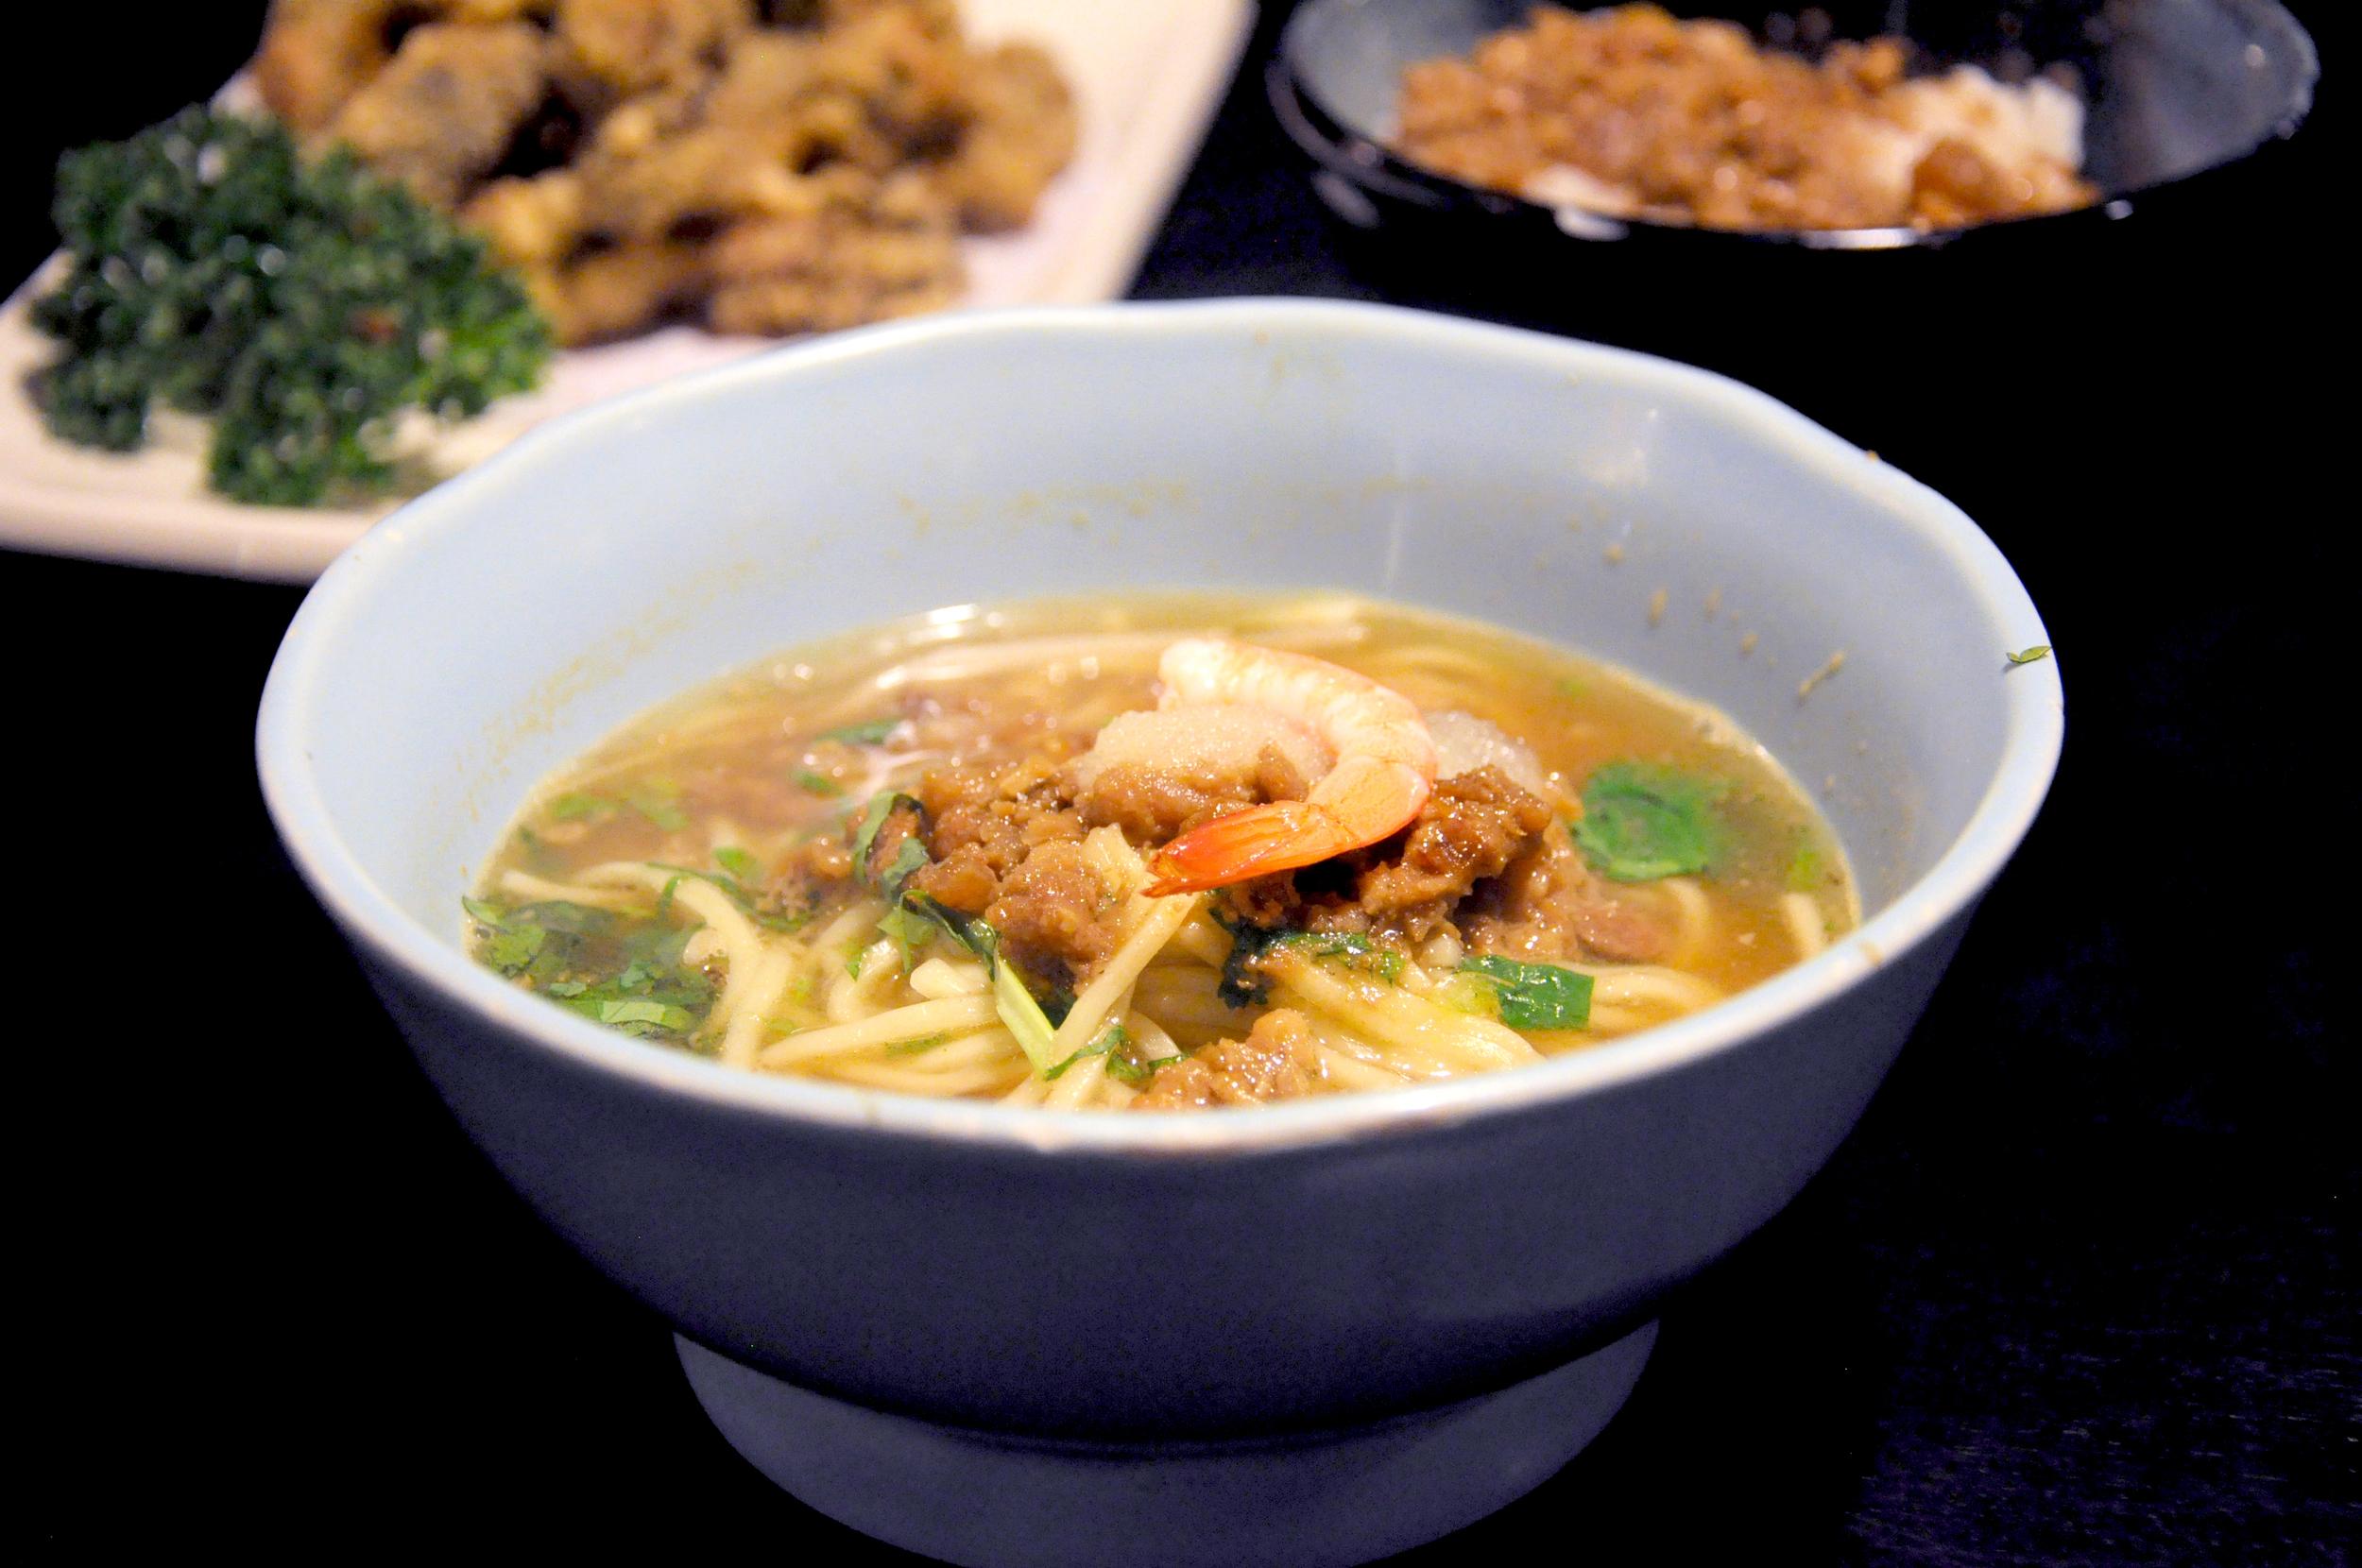 Dan zai noodles at Du Hsiao Yueh